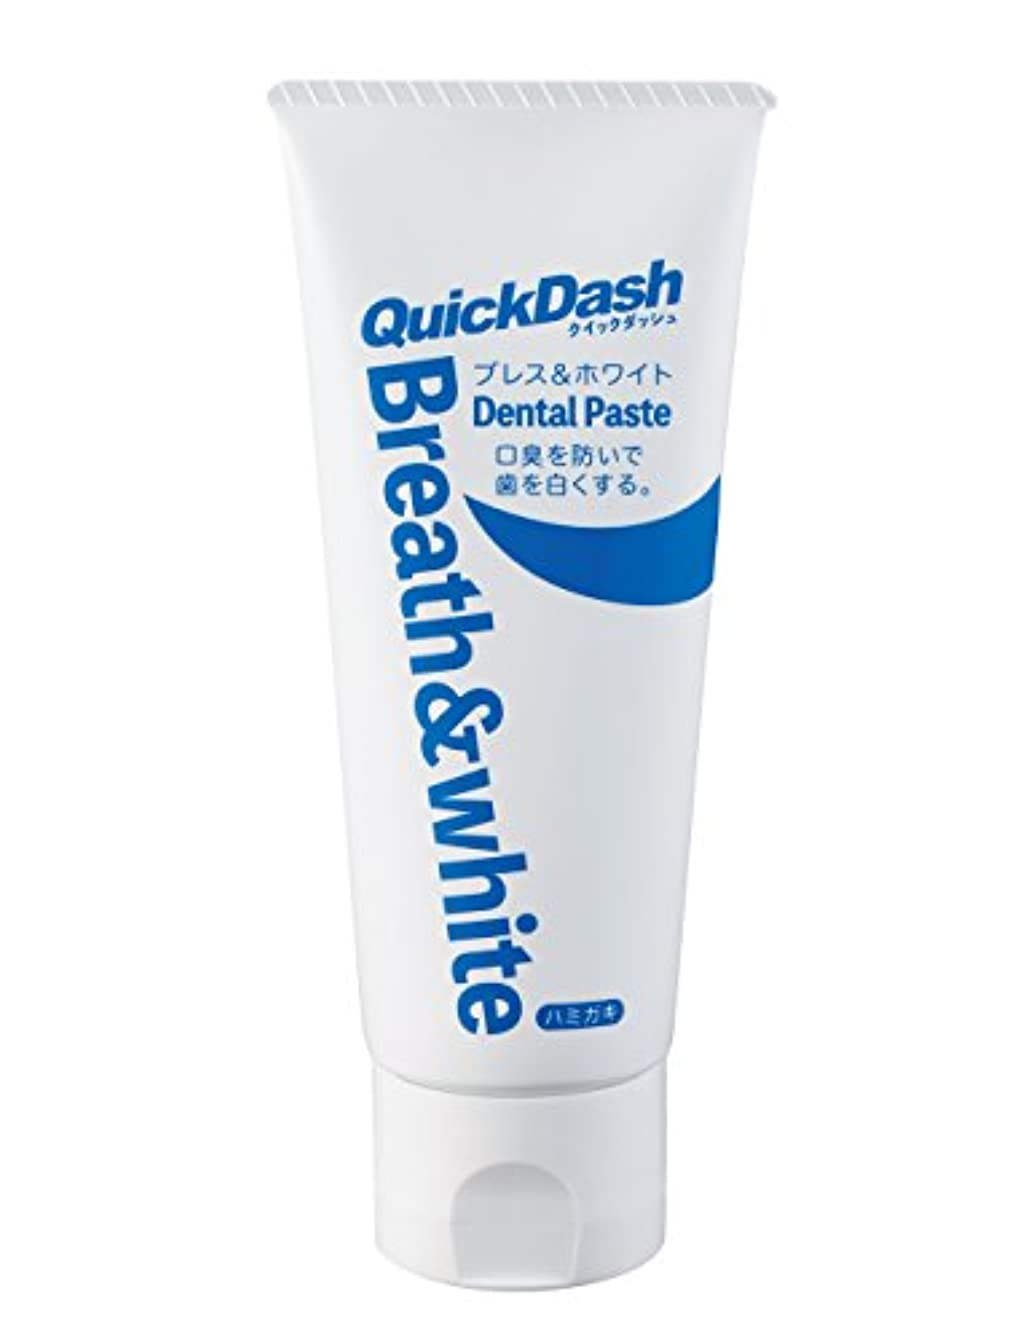 説教摩擦農村クイックダッシュ ブレス&ホワイト デンタルペースト 口臭予防 歯を白く ヤニを取る ハミガキ粉 80g